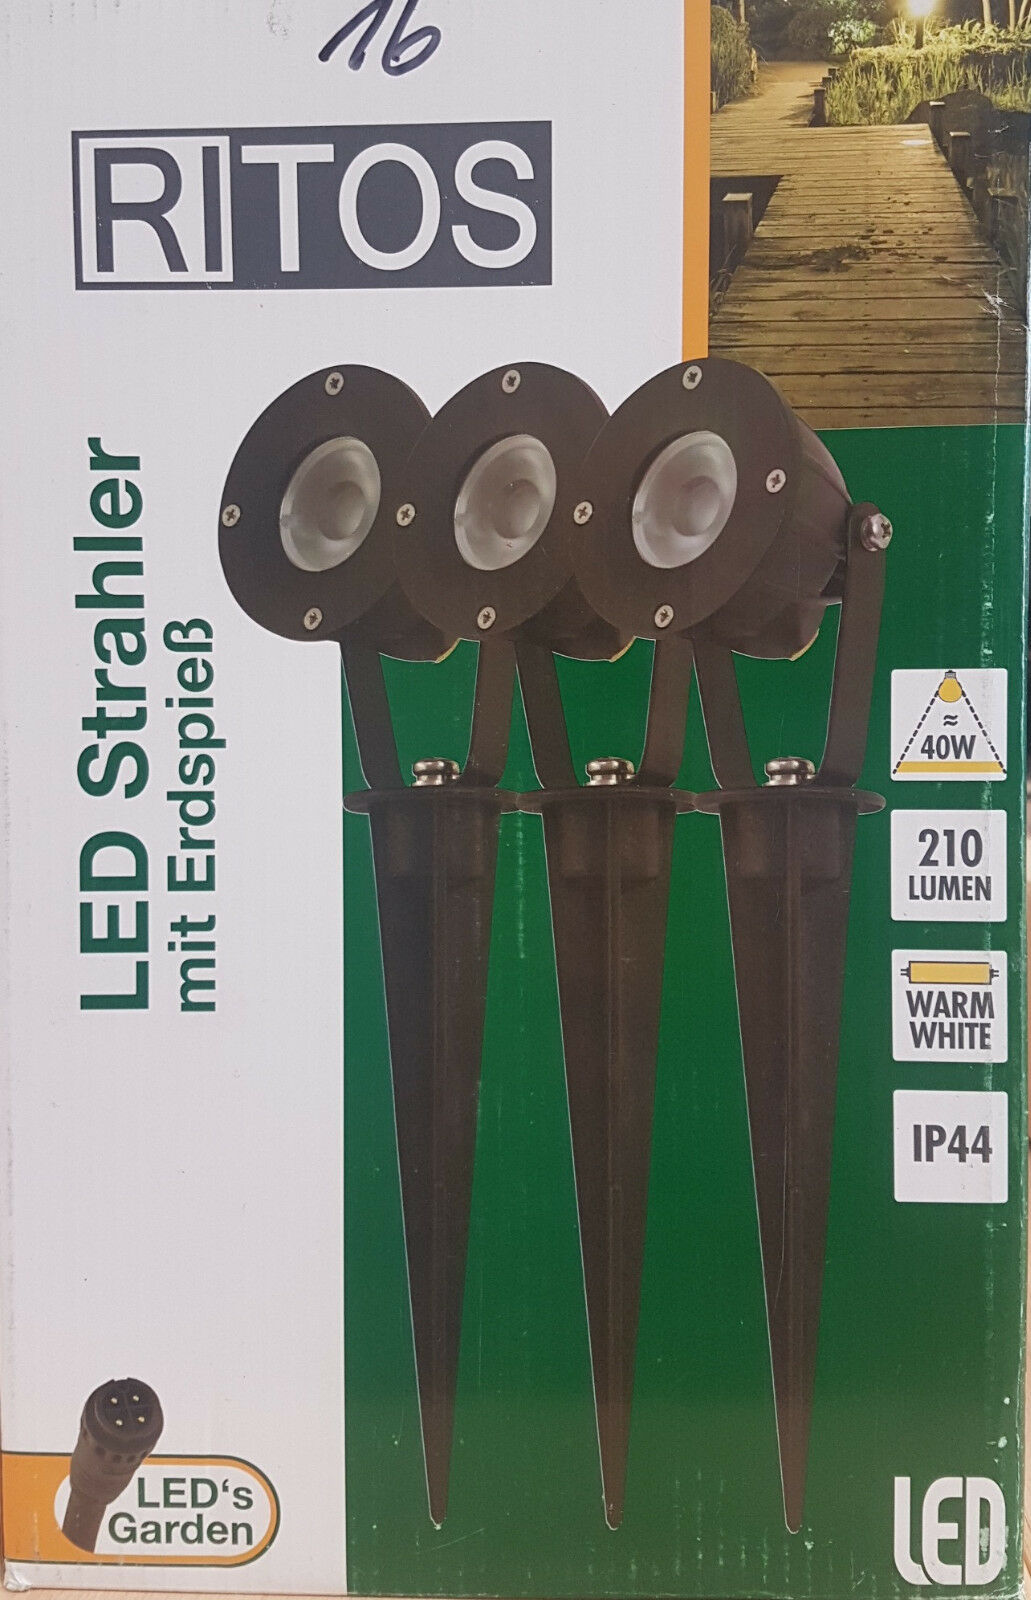 Ritos Garden LED Erdspieß Erdspieß Erdspieß 3 x1W Gartenleuchte Rasenleuchte set 0087431512     | Verpackungsvielfalt  |  Neuer Markt  | Queensland  f96bdc